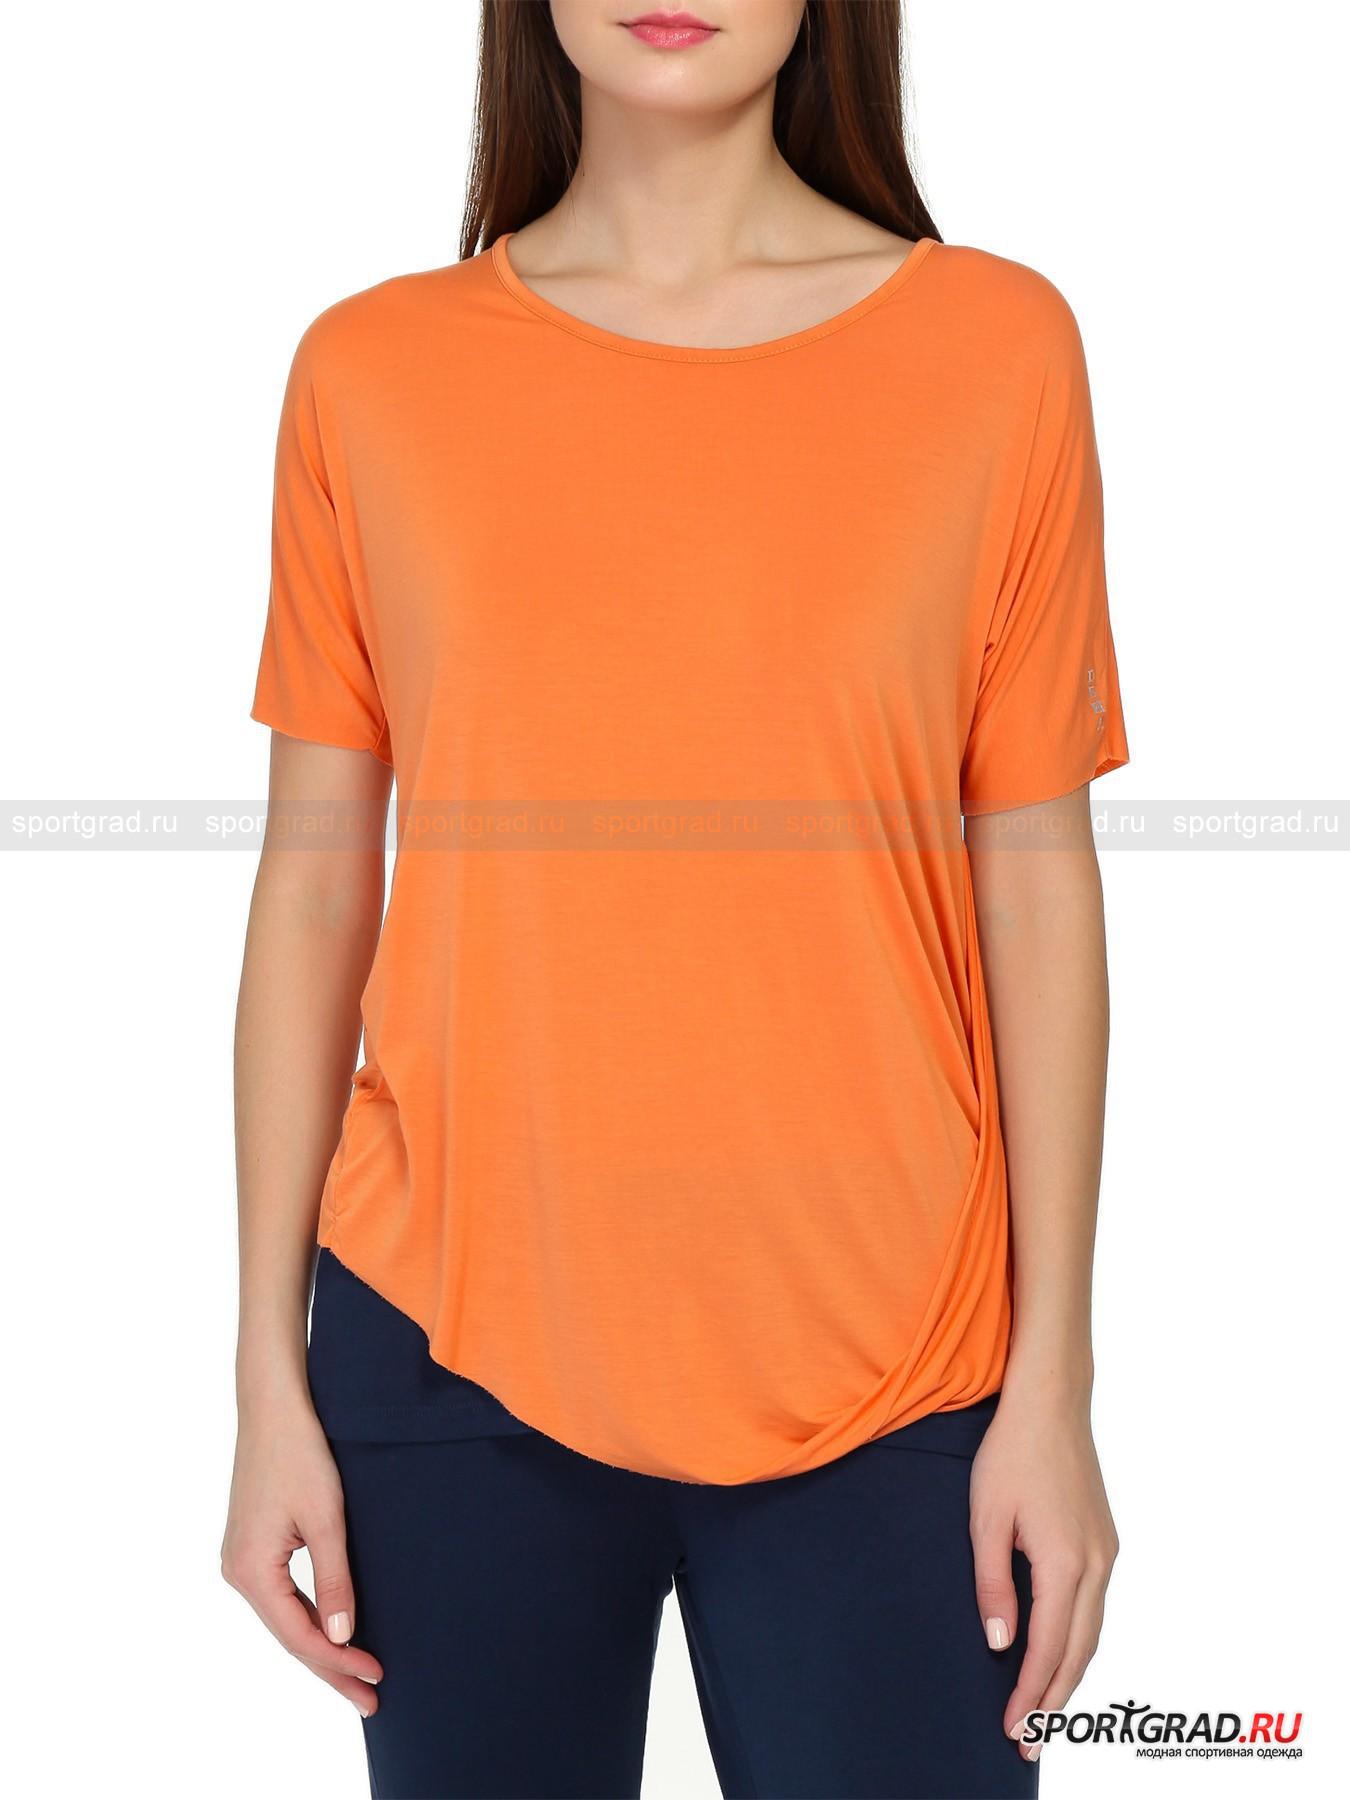 Футболка женская T-shirt DEHAФутболки<br>Футуристичная футболка с коротким рукавом T-shirt Deha выглядит очень оригинально, несмотря на однотонную расцветку и довольно простой состав ткани. Все дело в сложном нестандартном крое модели: изделие сшито всего из трех кусков материи. Две части пошли на изготовление спинки футболки и соединяются швом посередине. Передняя же половина футболки представляет собой один отрез ткани, выкроенный вместе с рукавами. Косой нижний край загнут и пришит к боковому шву, образуя красивую драпировку. Рукава и нижняя часть материала просто отрезаны и не обработаны, что тоже весьма необычно. Эта модель идеально подойдет творческим натурам, любящим одеваться по-особенному  и отличаться от окружающих.<br><br>Пол: Женский<br>Возраст: Взрослый<br>Тип: Футболки<br>Рекомендации по уходу: стирка в теплой воде до 30 С; не отбеливать; гладить при низкой температуре (до 120 C); только сухая чистка; нельзя выжимать и сушить в стиральной машине<br>Состав: 88% вискоза, 12% эластан